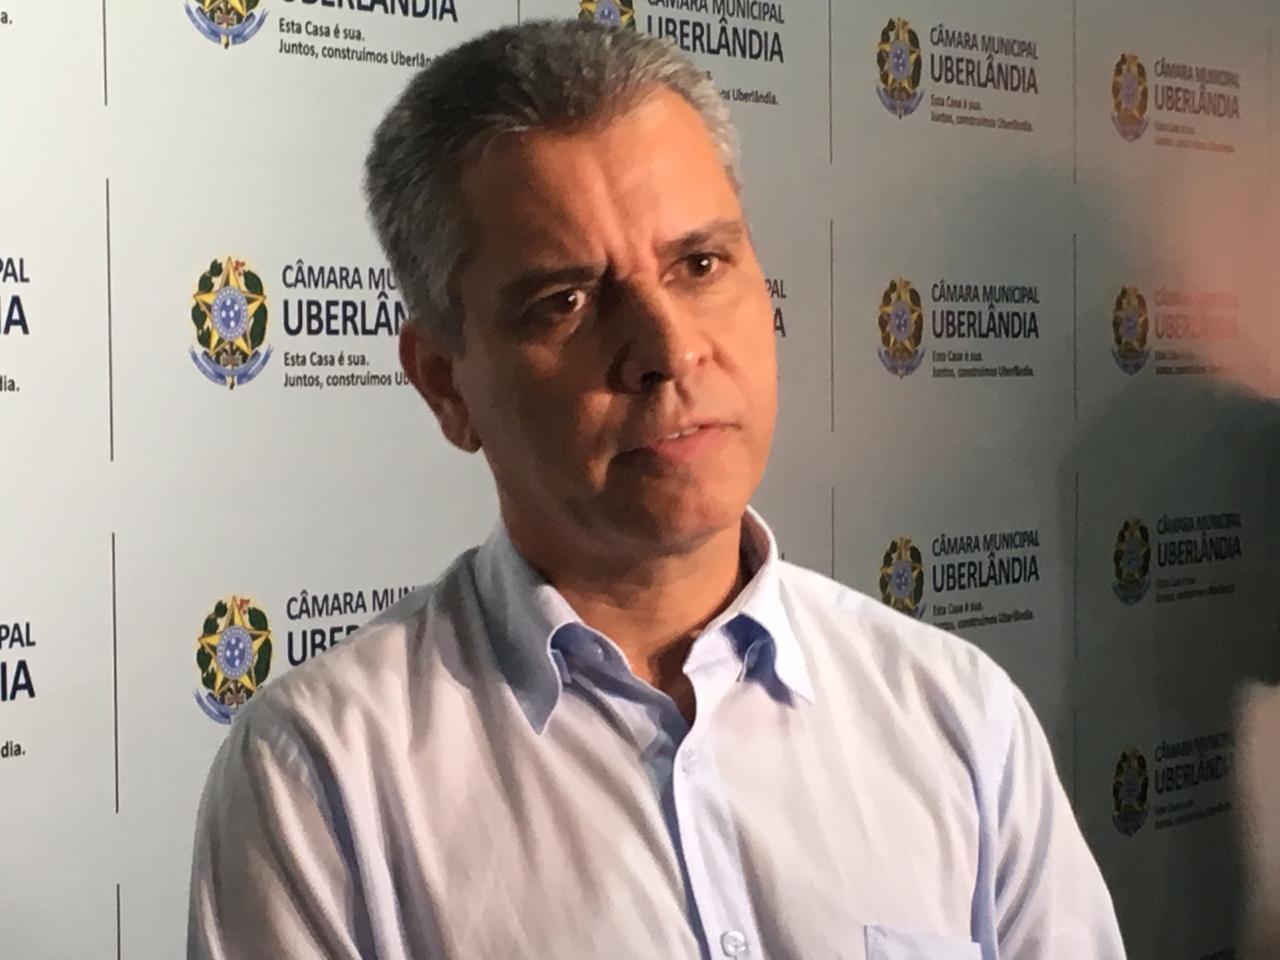 Vereador afastado Marcelo Cunha retoma função na Câmara de Uberlândia após decisão da Justiça